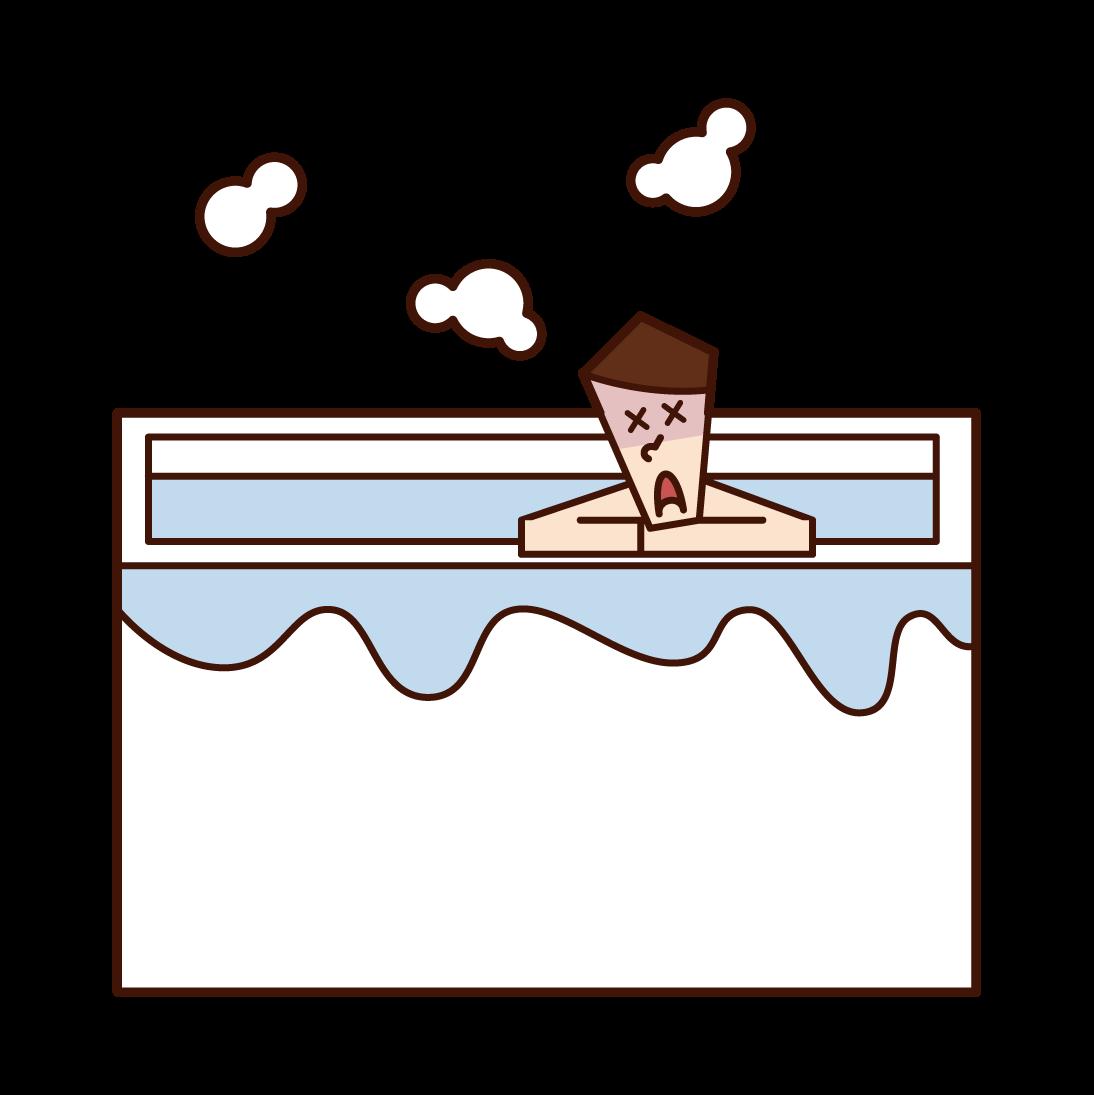 욕조에서 기절한 사람(남성)의 일러스트